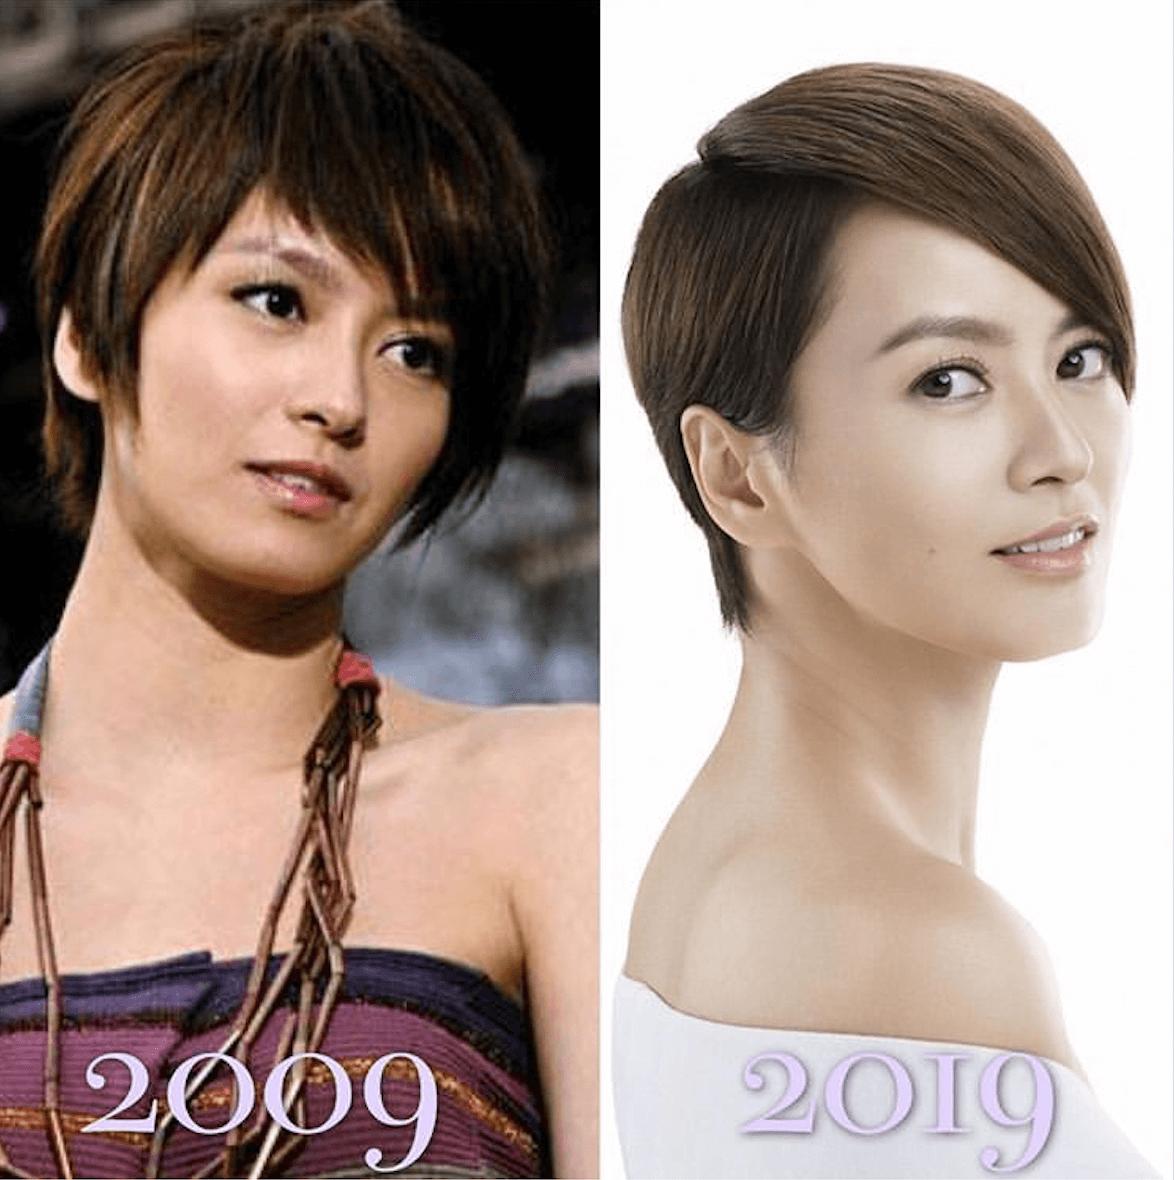 GiGi一頭爽朗利落的短髮十年如一